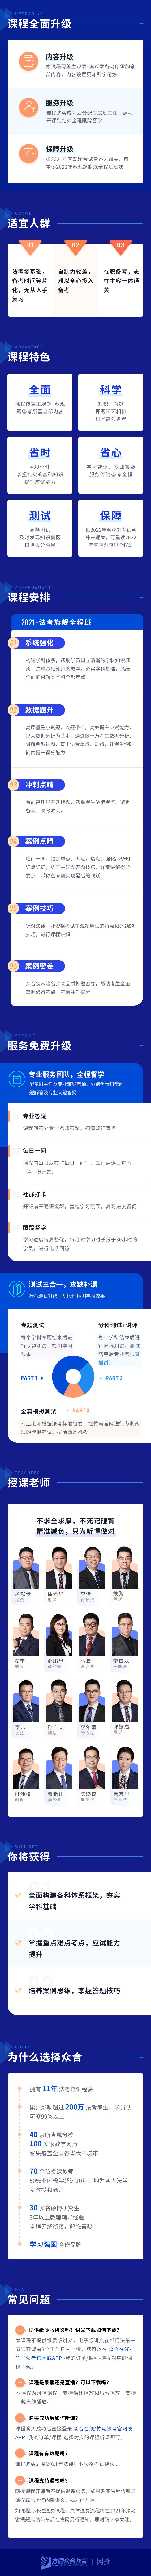 法考旗舰全程班详情页-11.24.png